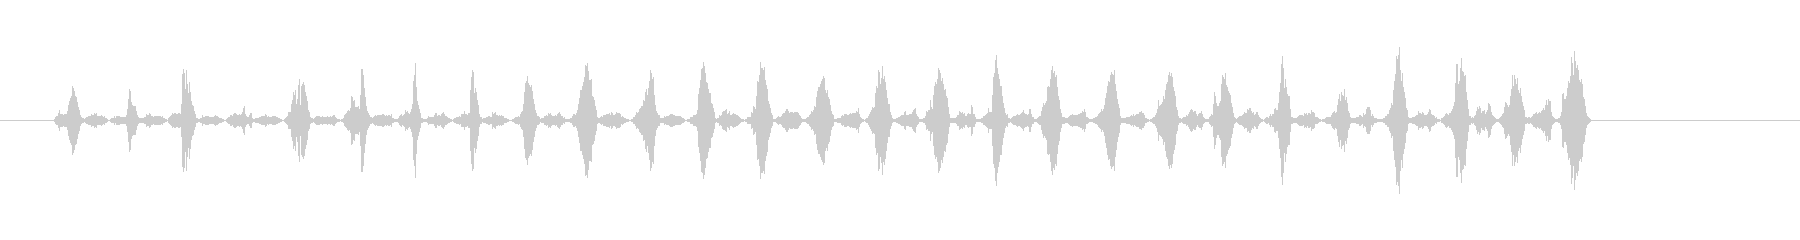 サンディングウッド2の未再生の波形